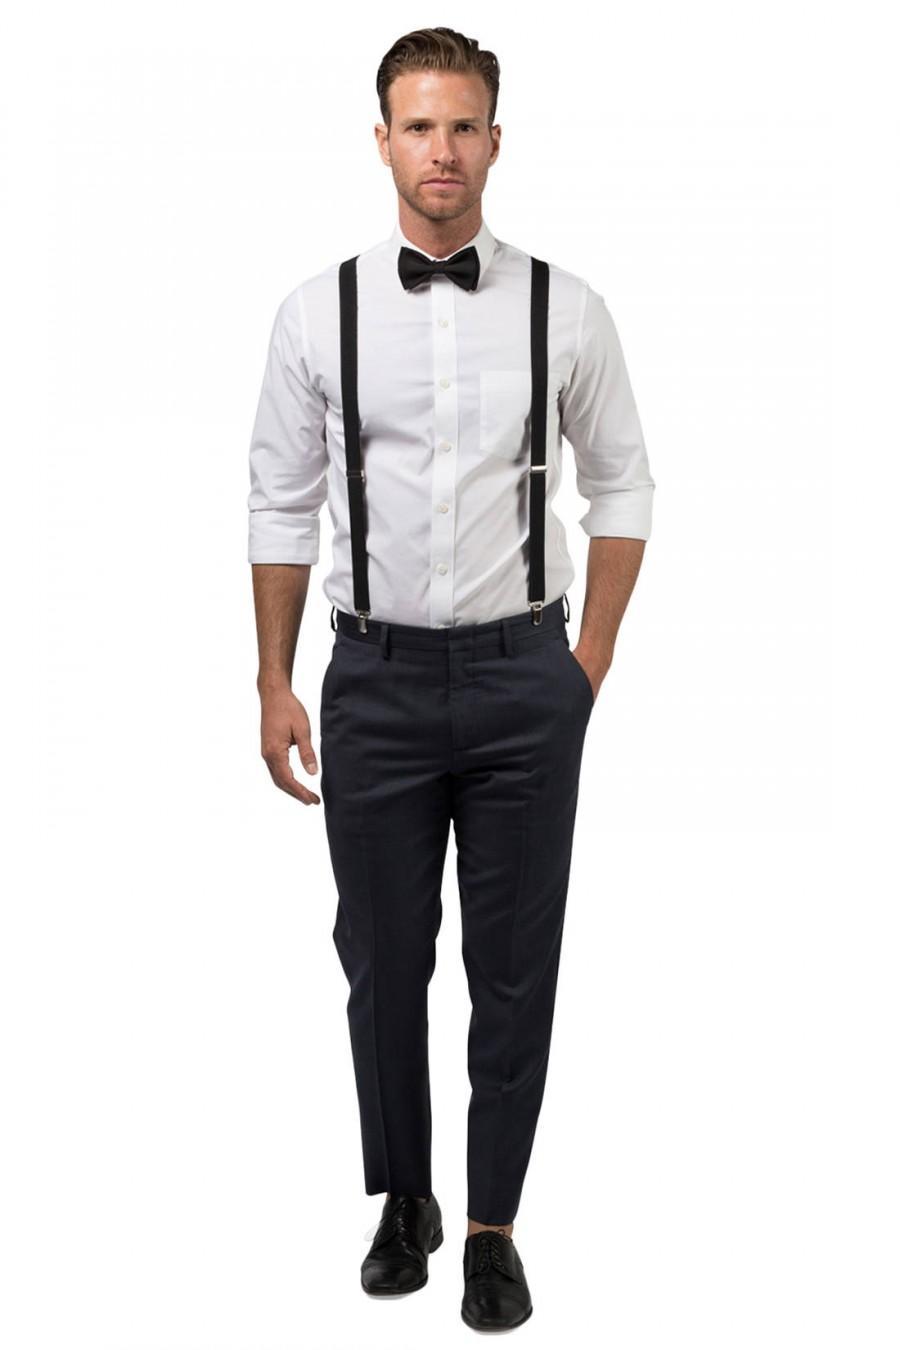 Свадьба - Black Bow Tie & Black Suspenders for Groom, Groomsmen, Prom, Ring Bearer